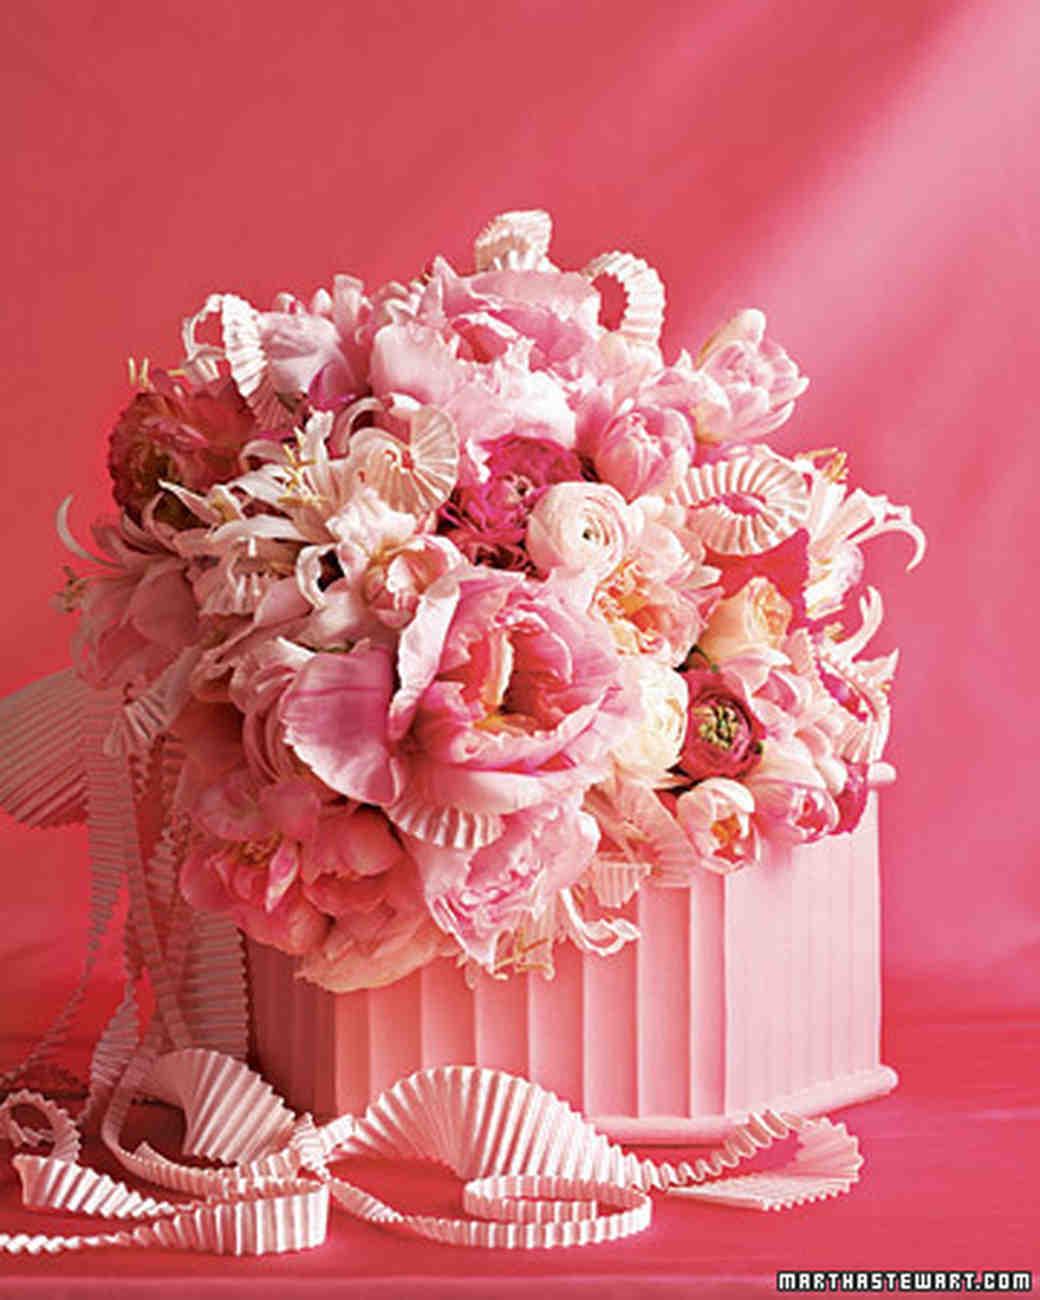 mwd103620_spr08_pink.jpg